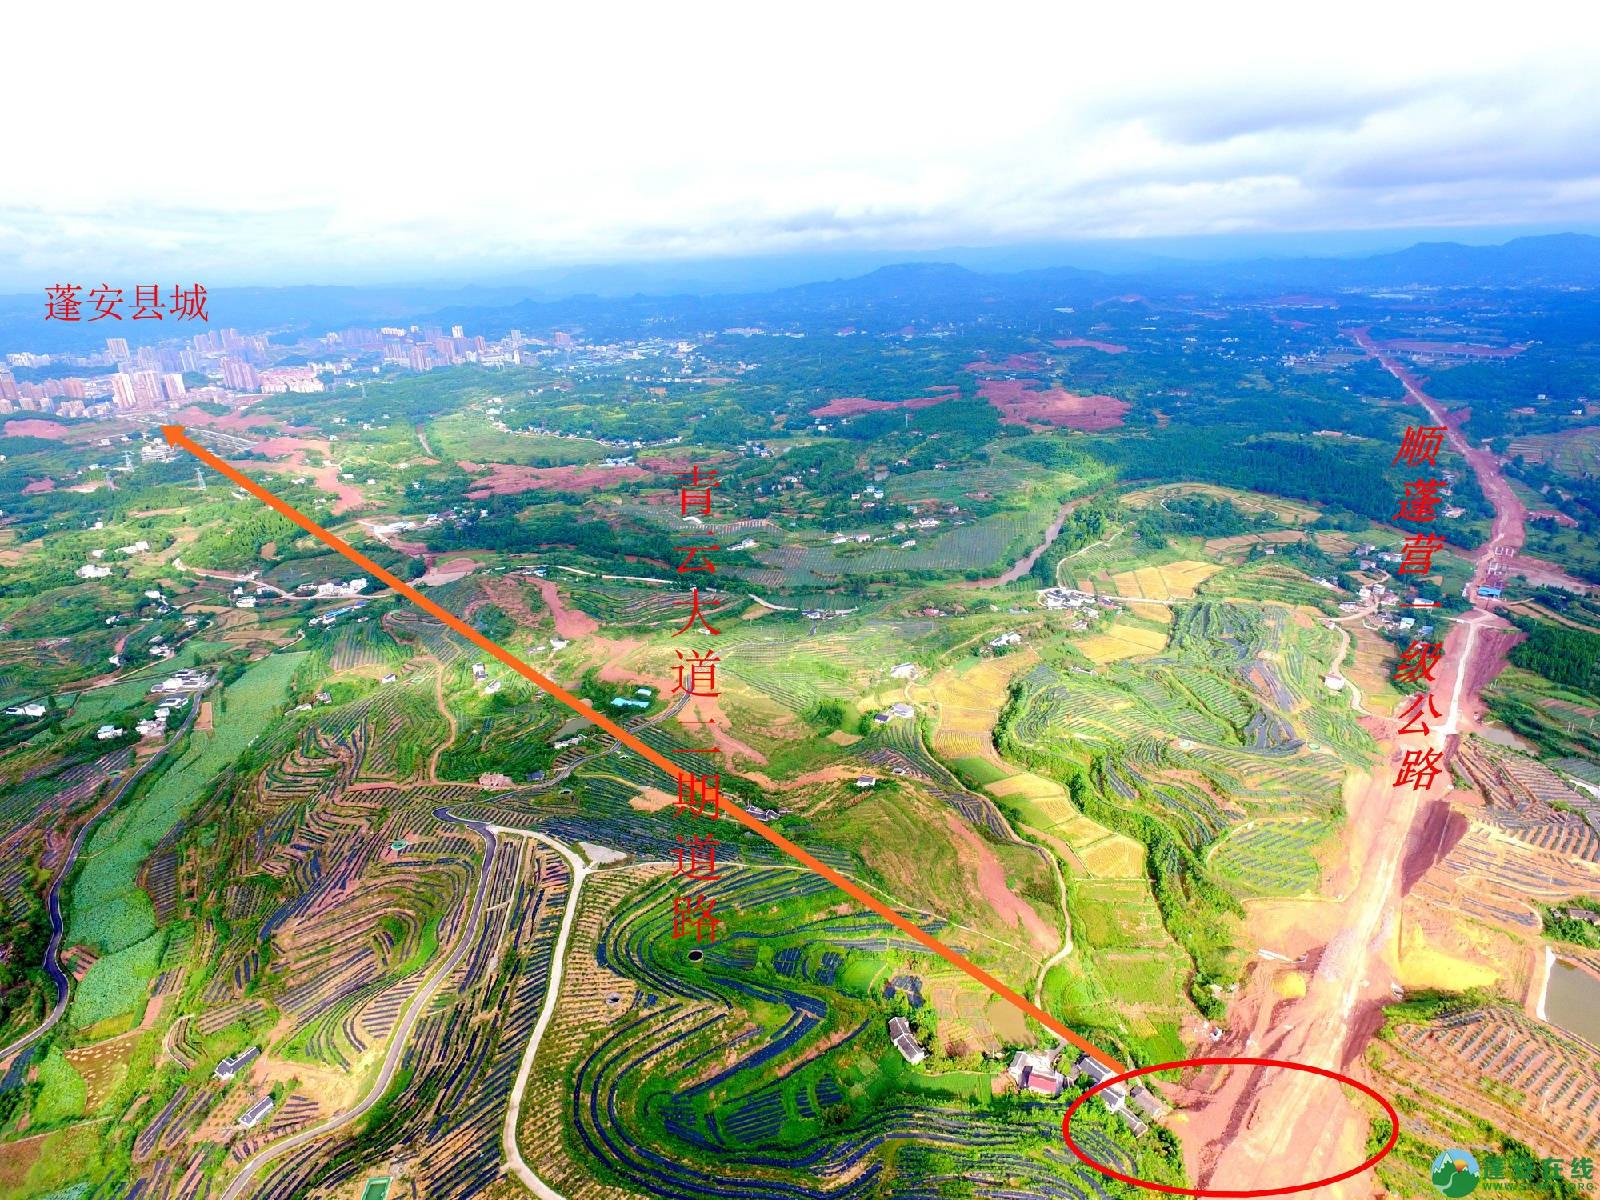 顺蓬营一级公路蓬安段、青云大道二期道路最新进展(2019.8.29) - 第3张  | 蓬安在线